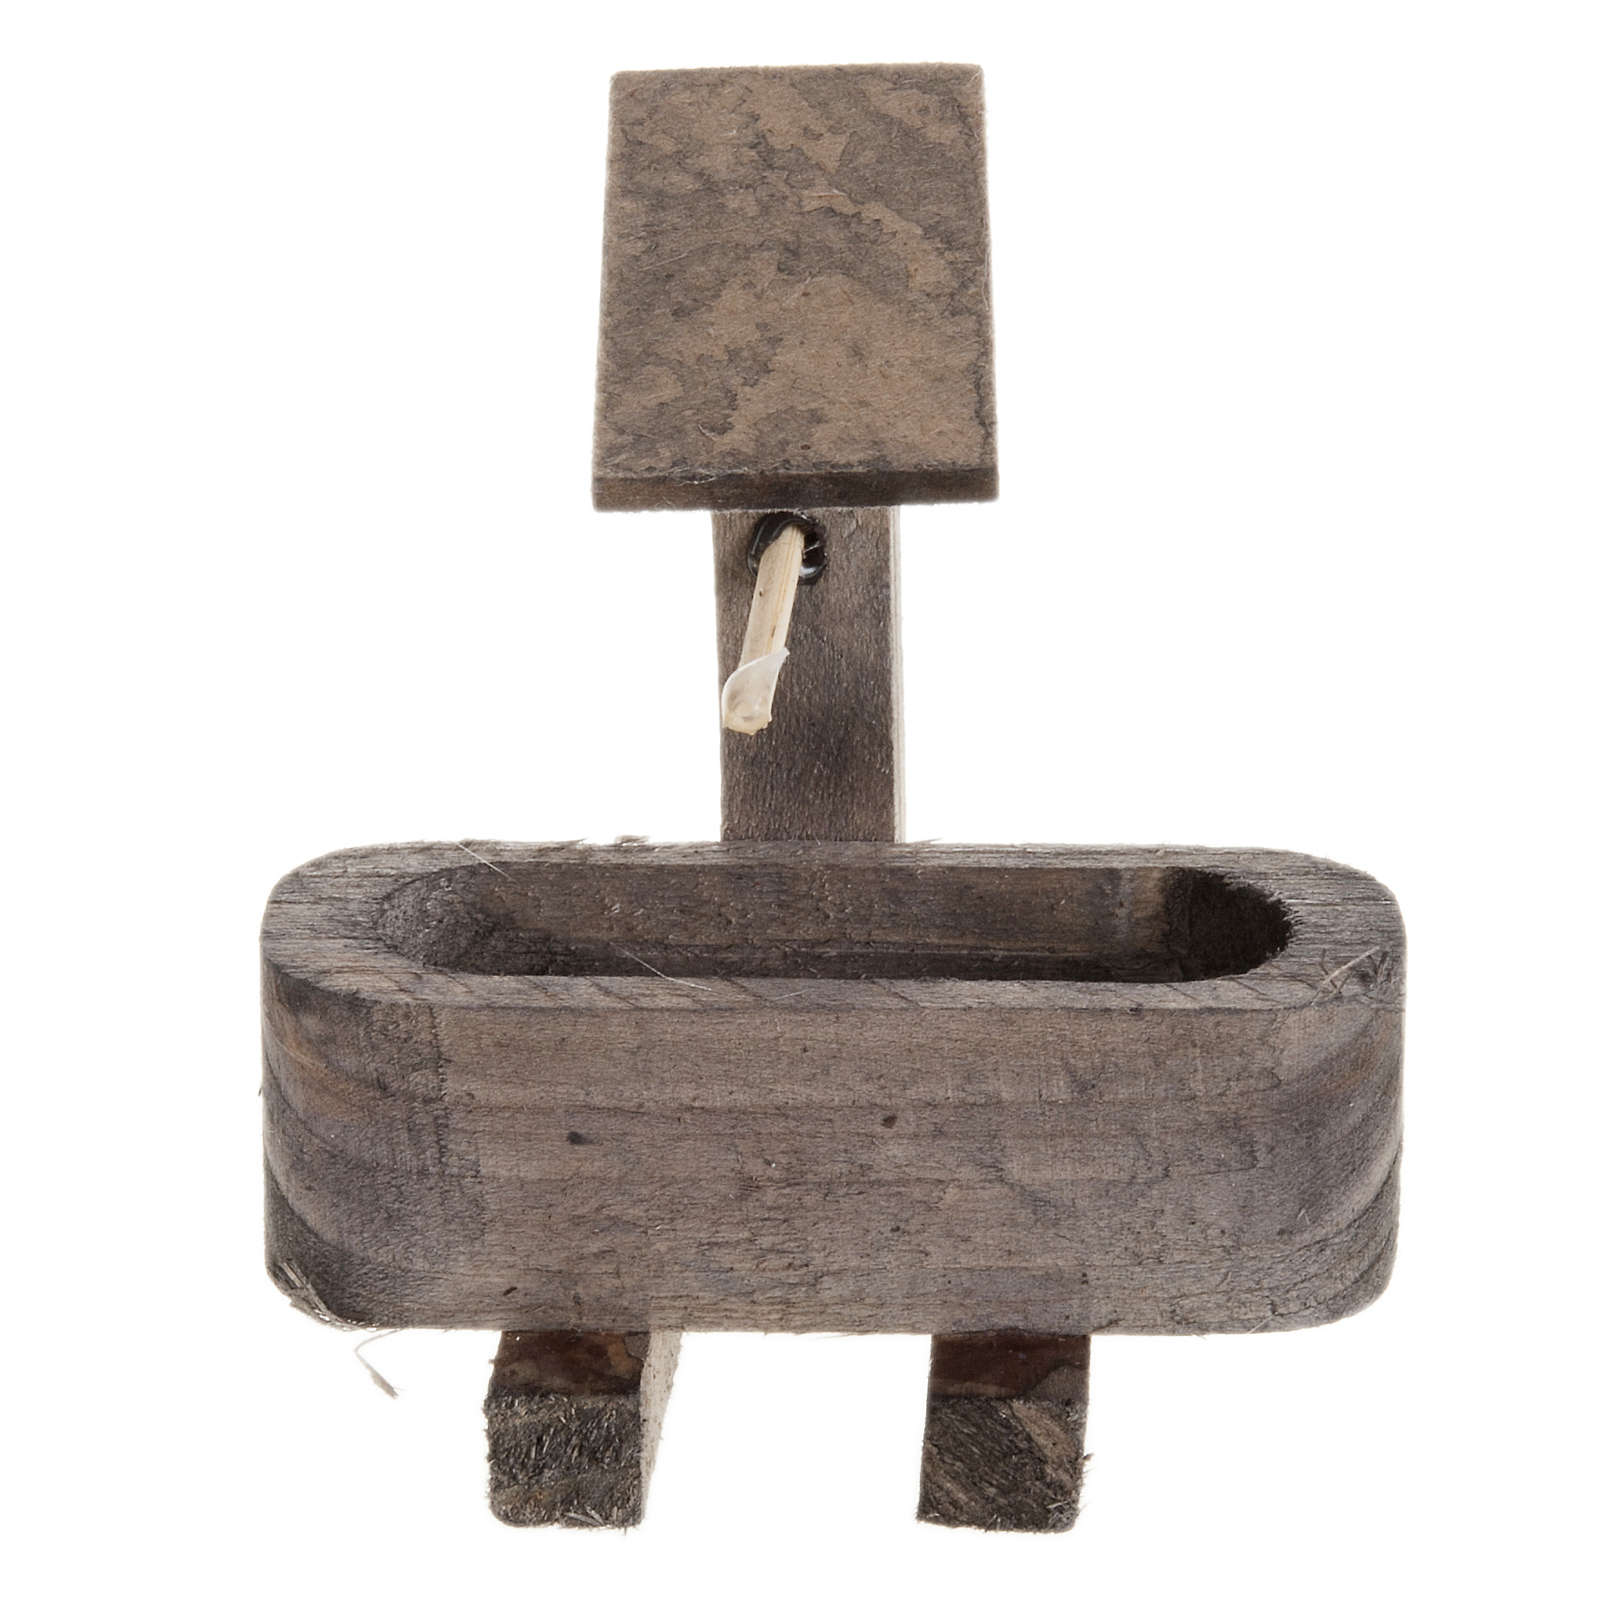 Fontanna imitacja z drewna do szopki 4